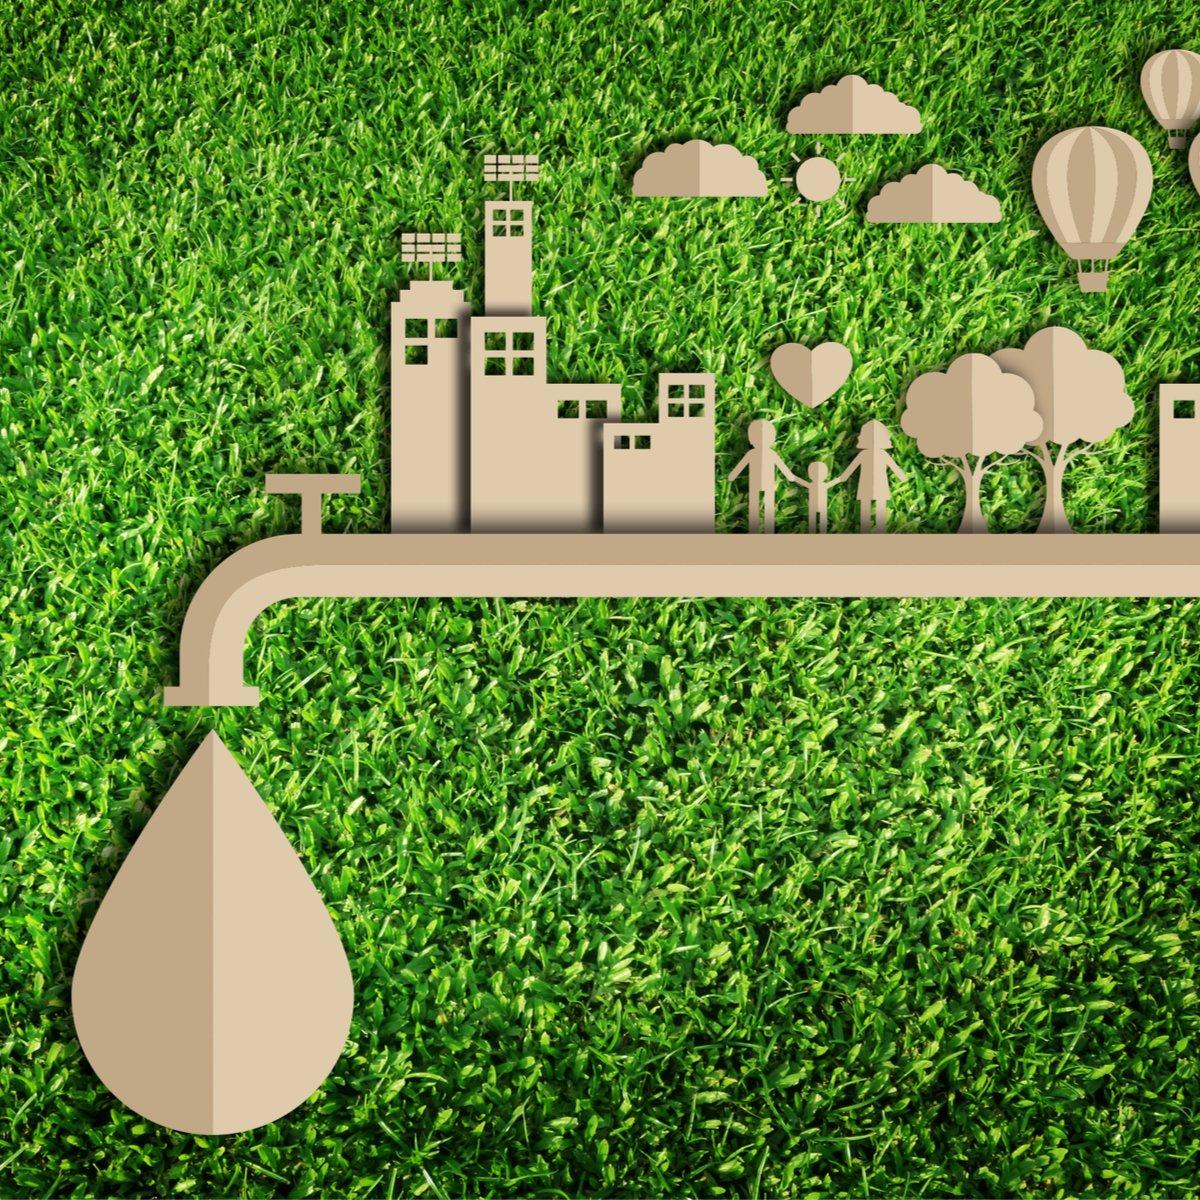 Czy inteligentne rozwiązania pomogą nam oszczędzać wodę?